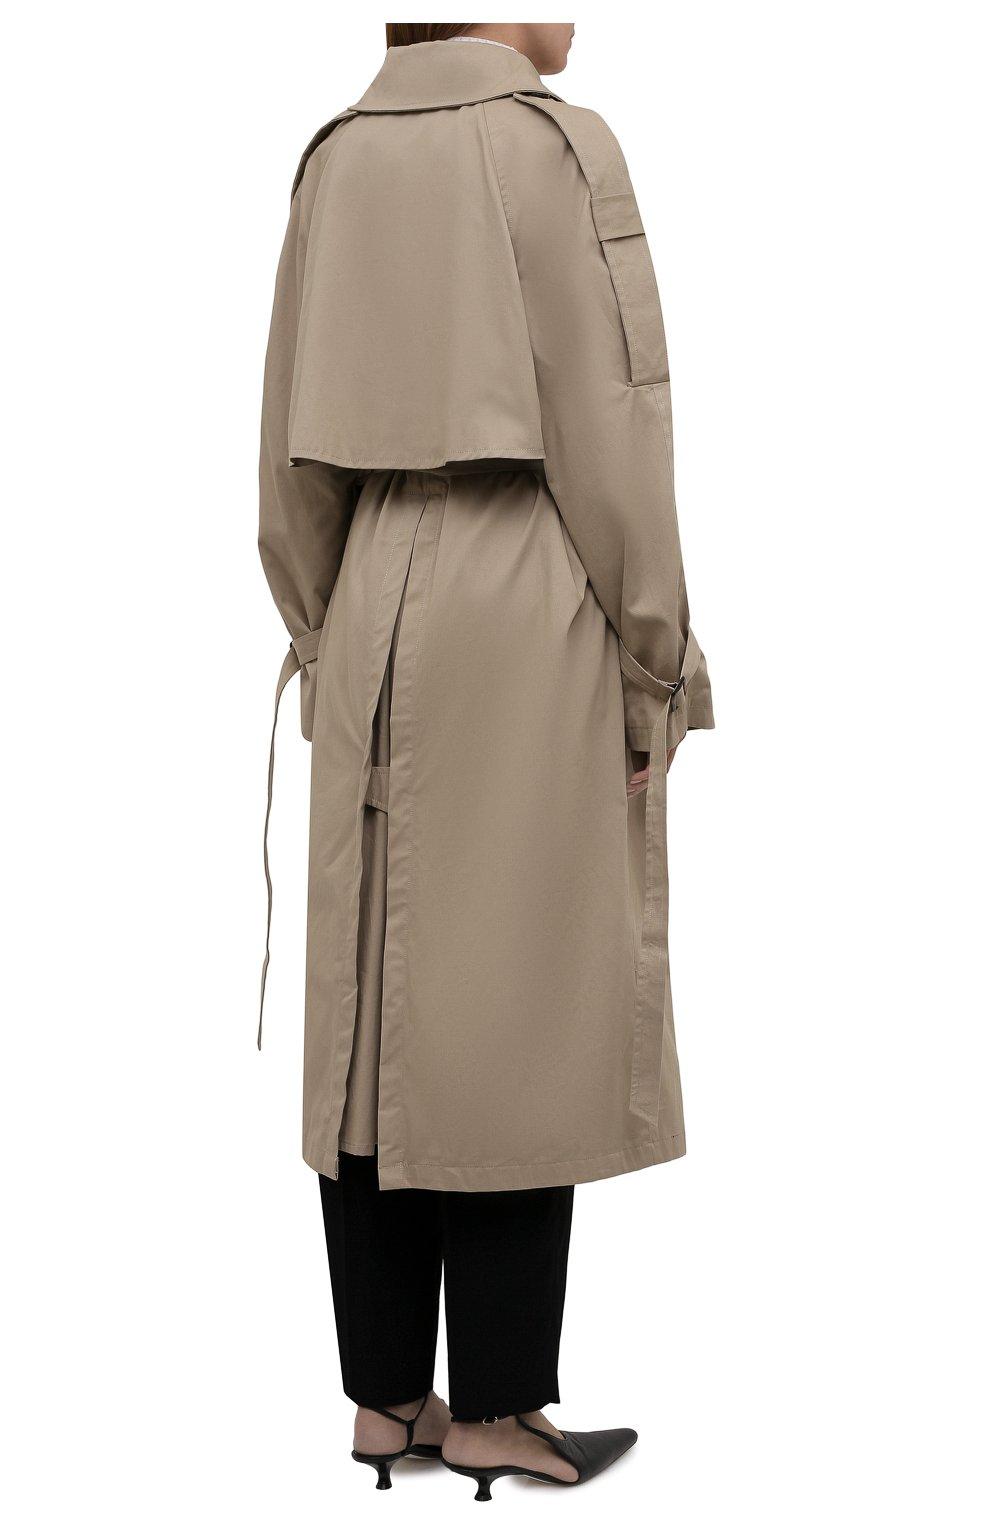 Женский хлопковый тренч 404 NOT FOUND | бежевого цвета, арт. 801603 | Фото 4 (Рукава: Длинные; Материал внешний: Хлопок; Длина (верхняя одежда): Длинные; Стили: Кэжуэл)